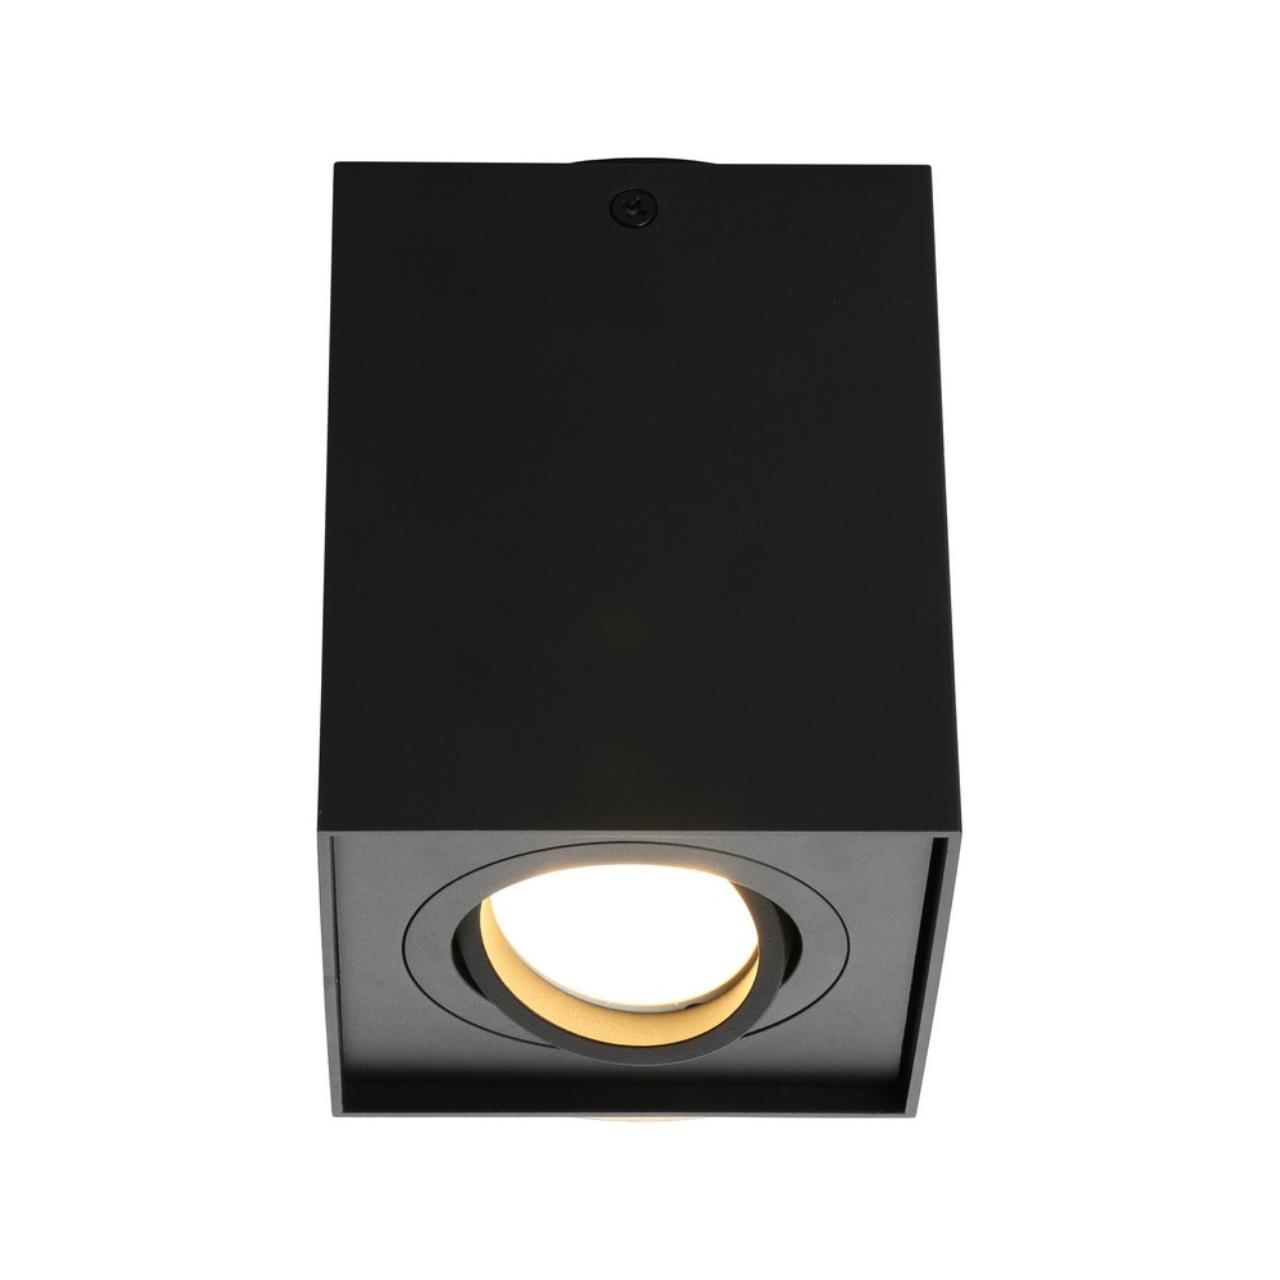 Встраиваемый-накладной светильник Omnilux OML-101119-01